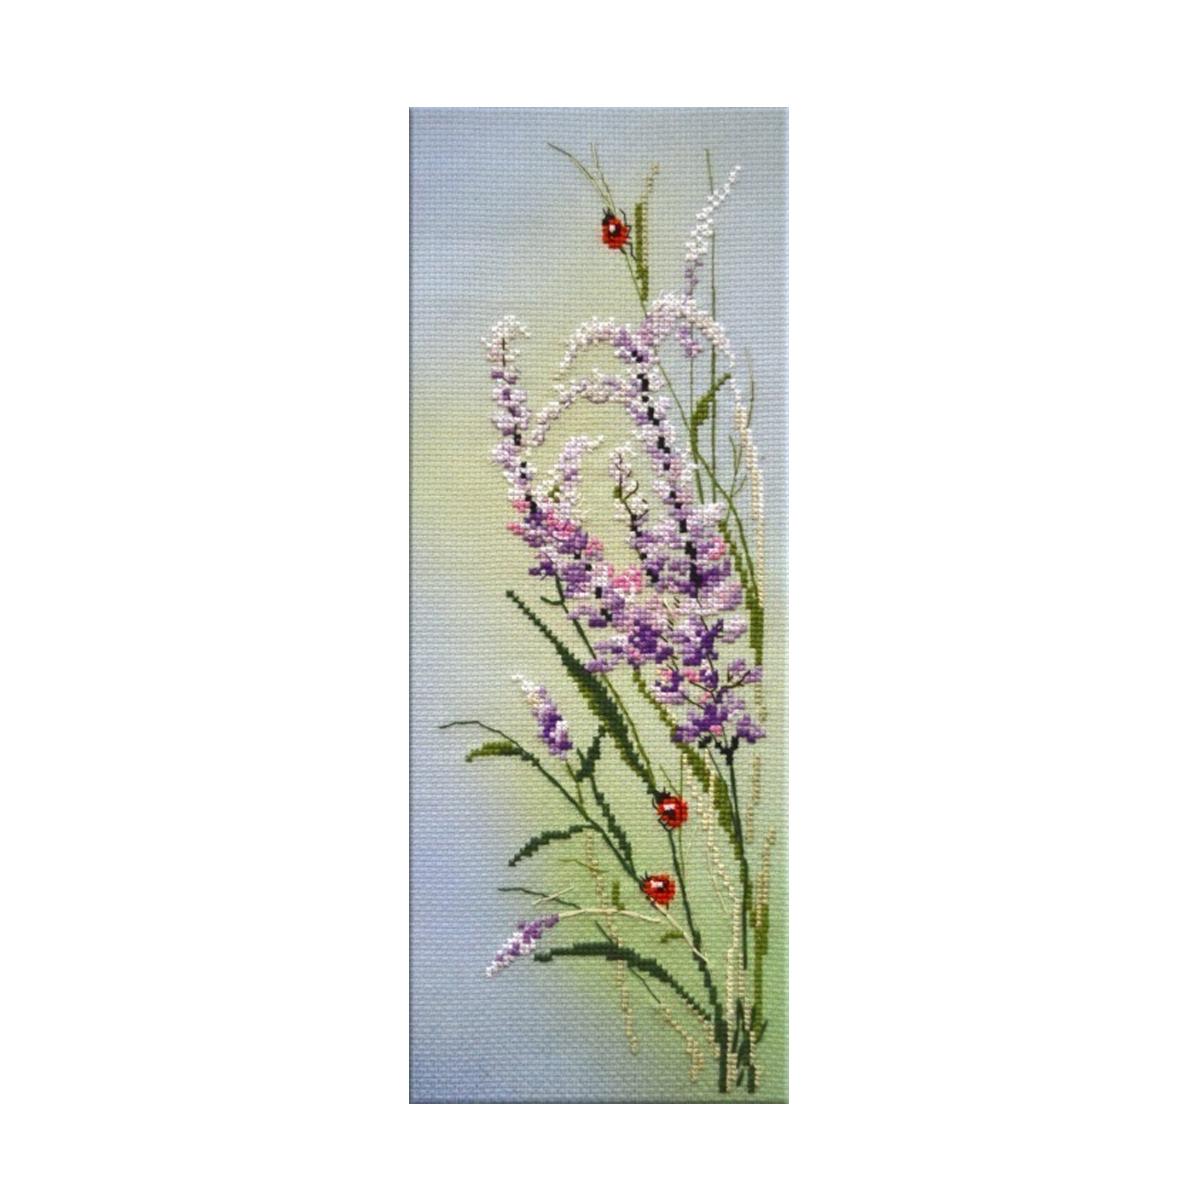 Набор для вышивания крестом Овен Полевые цветы, 11 х 32 см набор для вышивания крестом овен ландыши 28 х 35 см